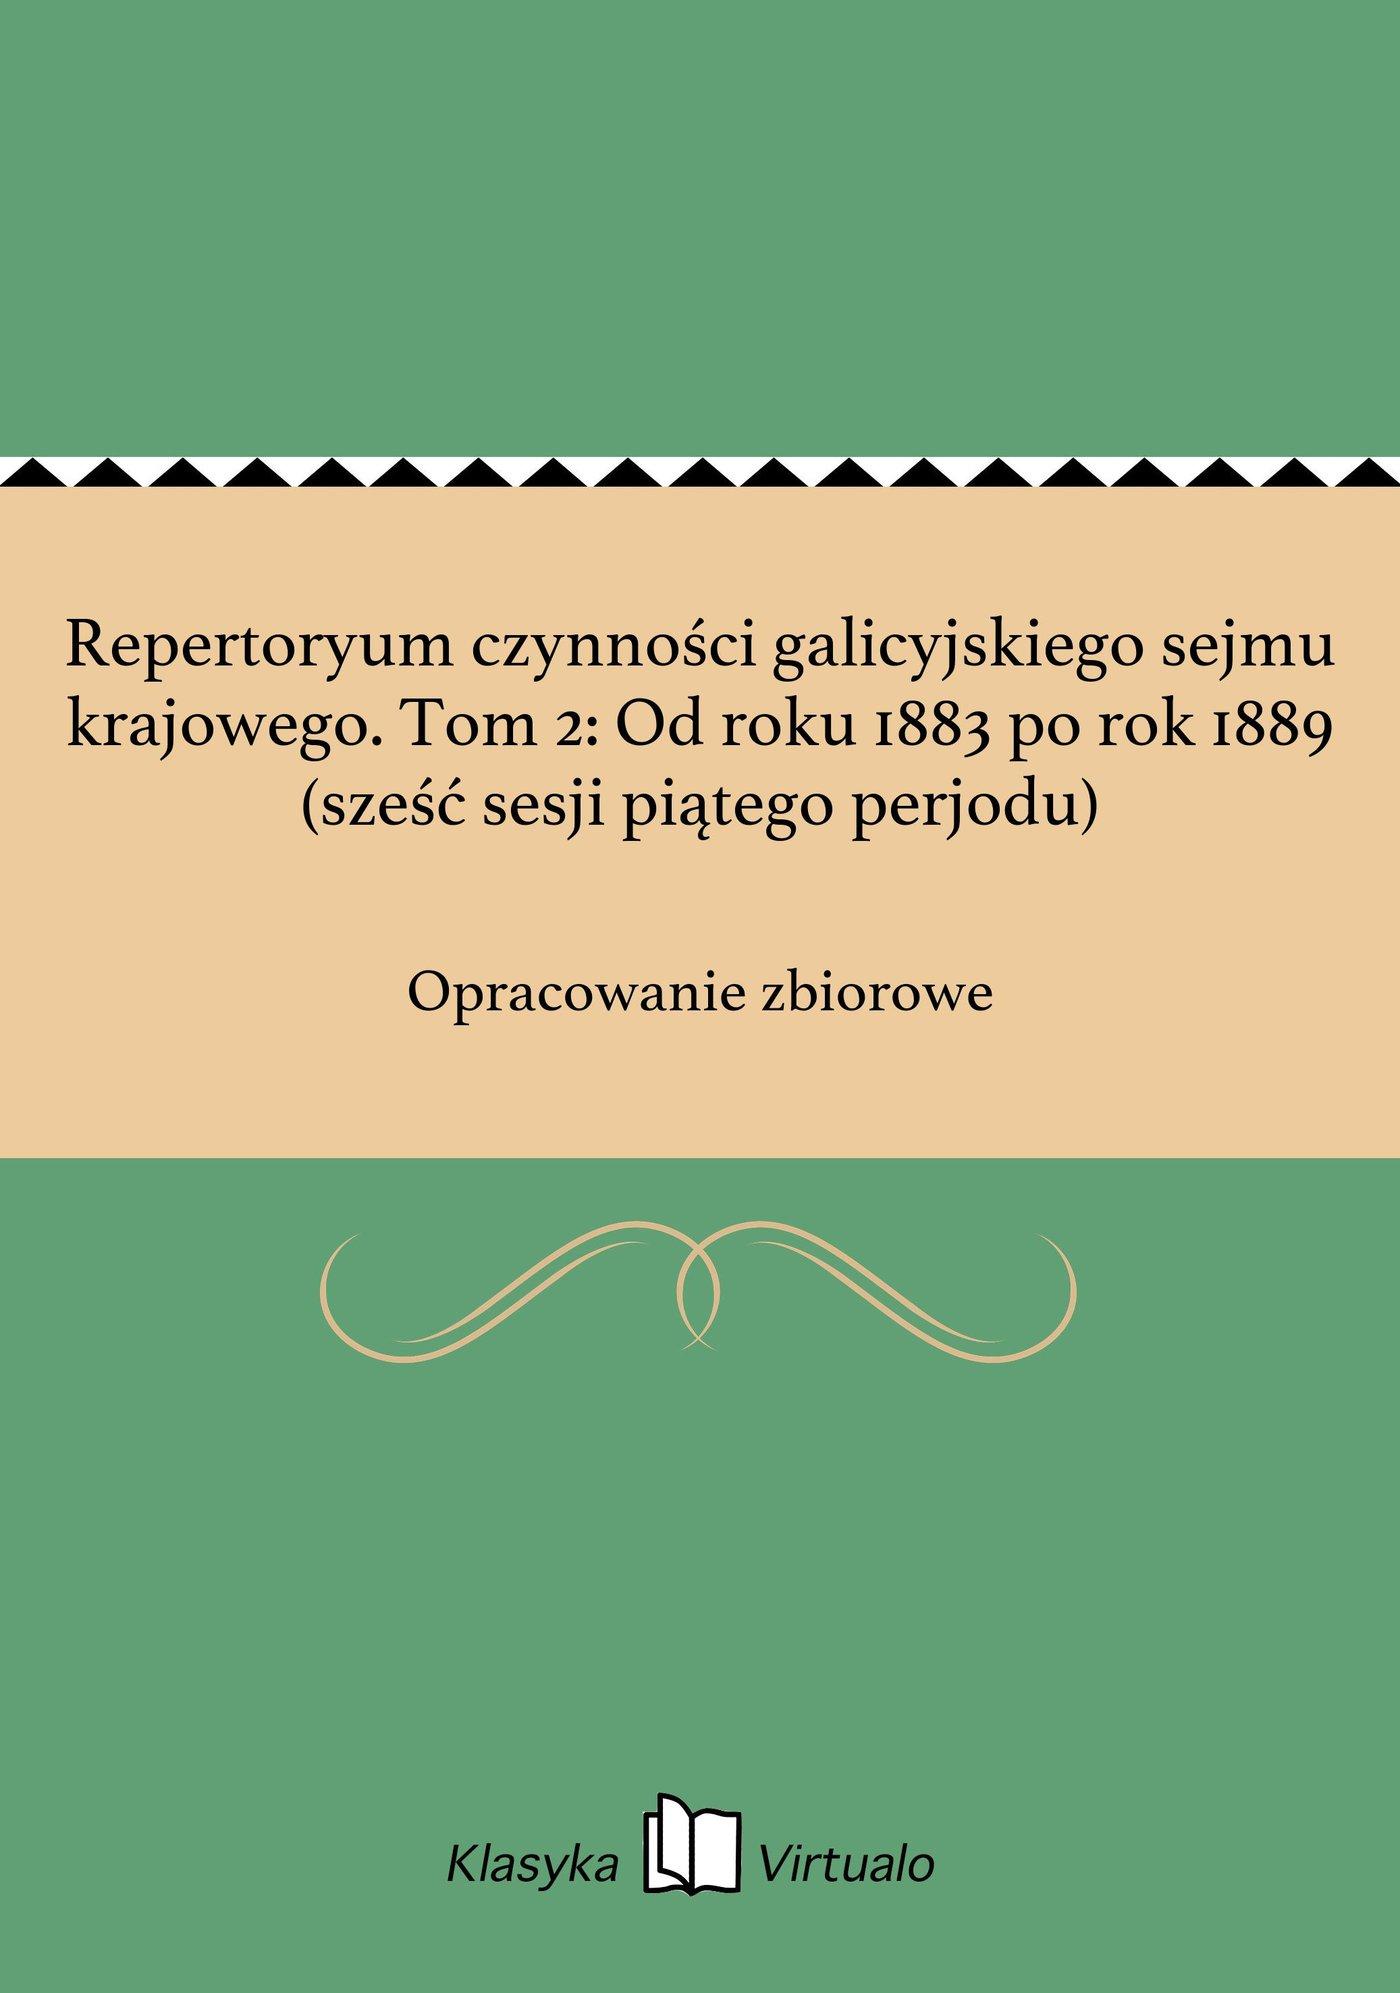 Repertoryum czynności galicyjskiego sejmu krajowego. Tom 2: Od roku 1883 po rok 1889 (sześć sesji piątego perjodu) - Ebook (Książka EPUB) do pobrania w formacie EPUB